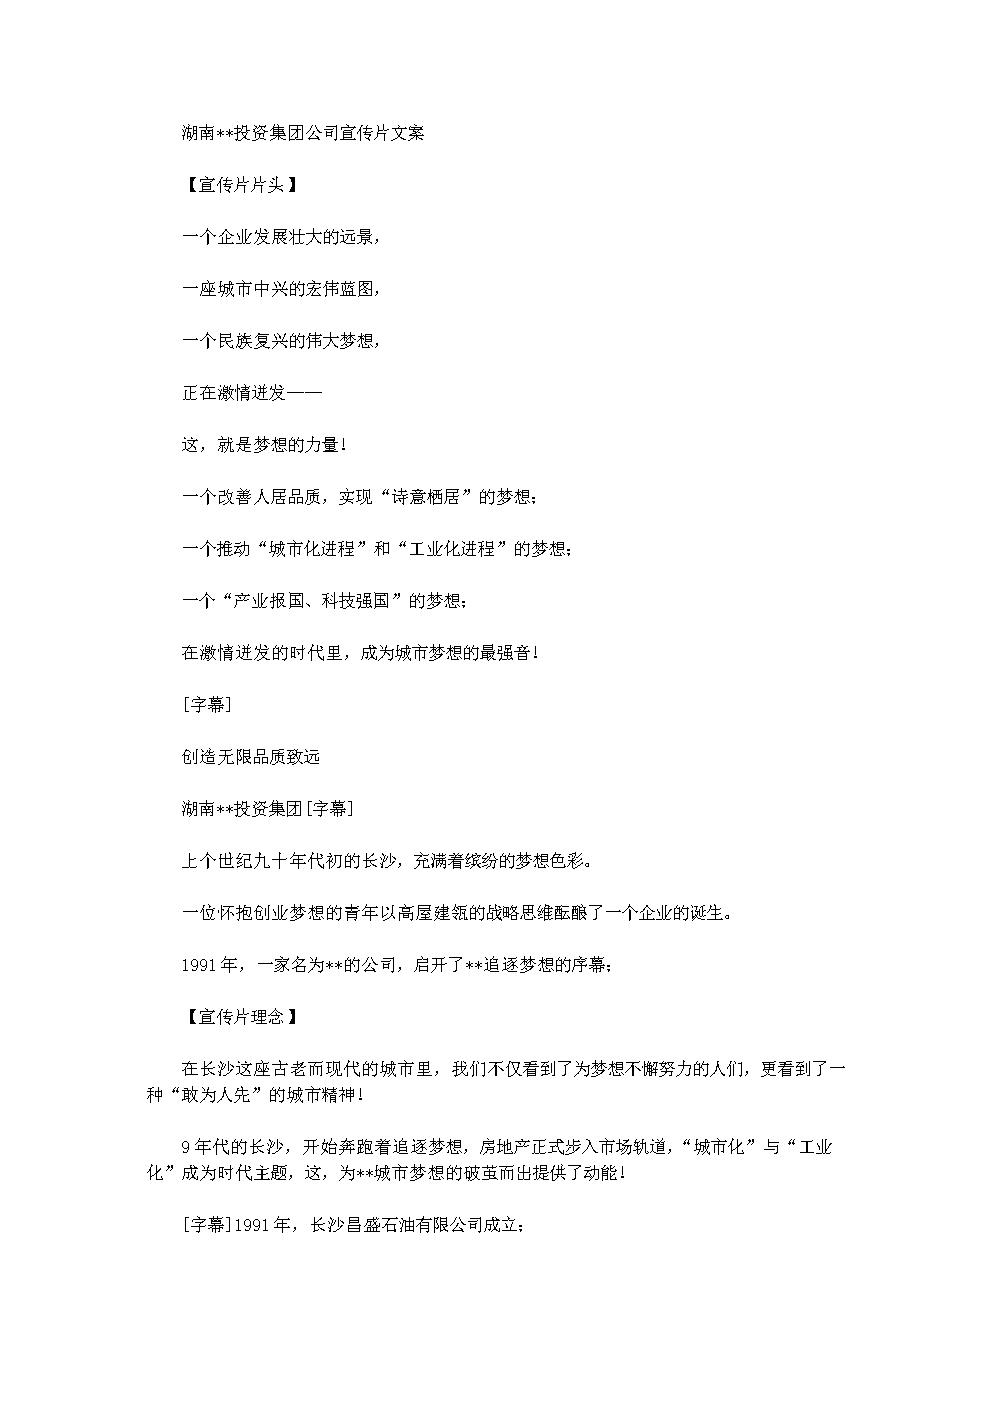 集团公司宣传片文案(共11篇汇总).doc